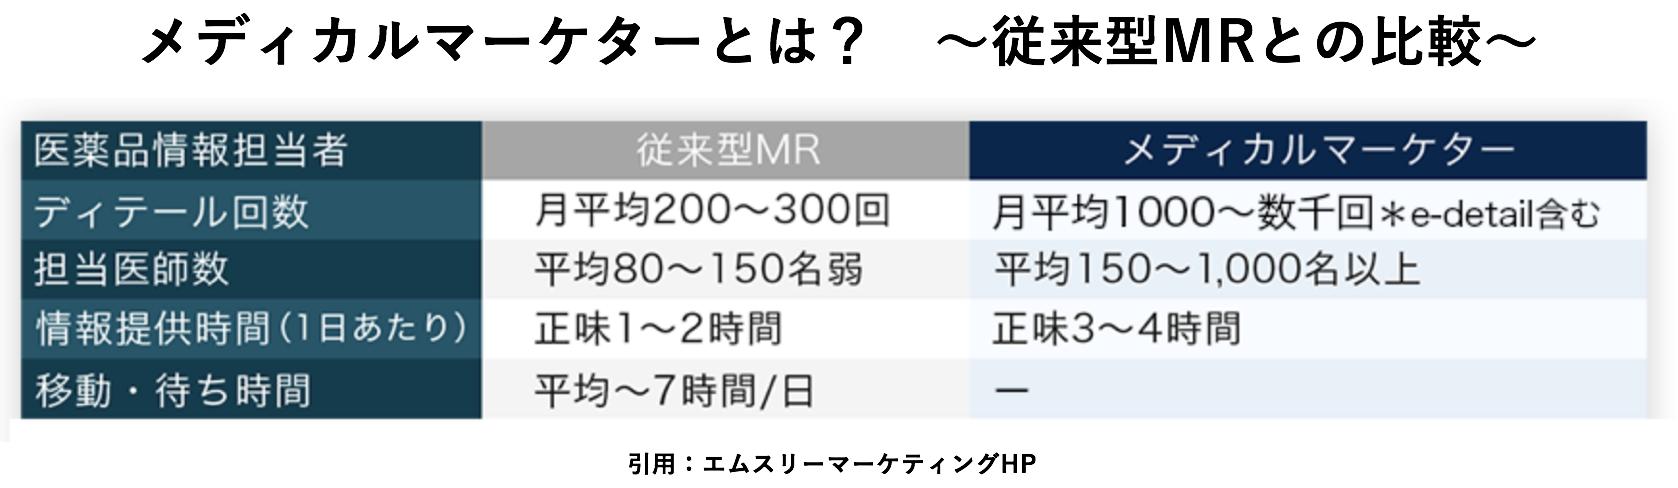 スクリーンショット 2020-08-24 14.45.14.png (357.8 kB)